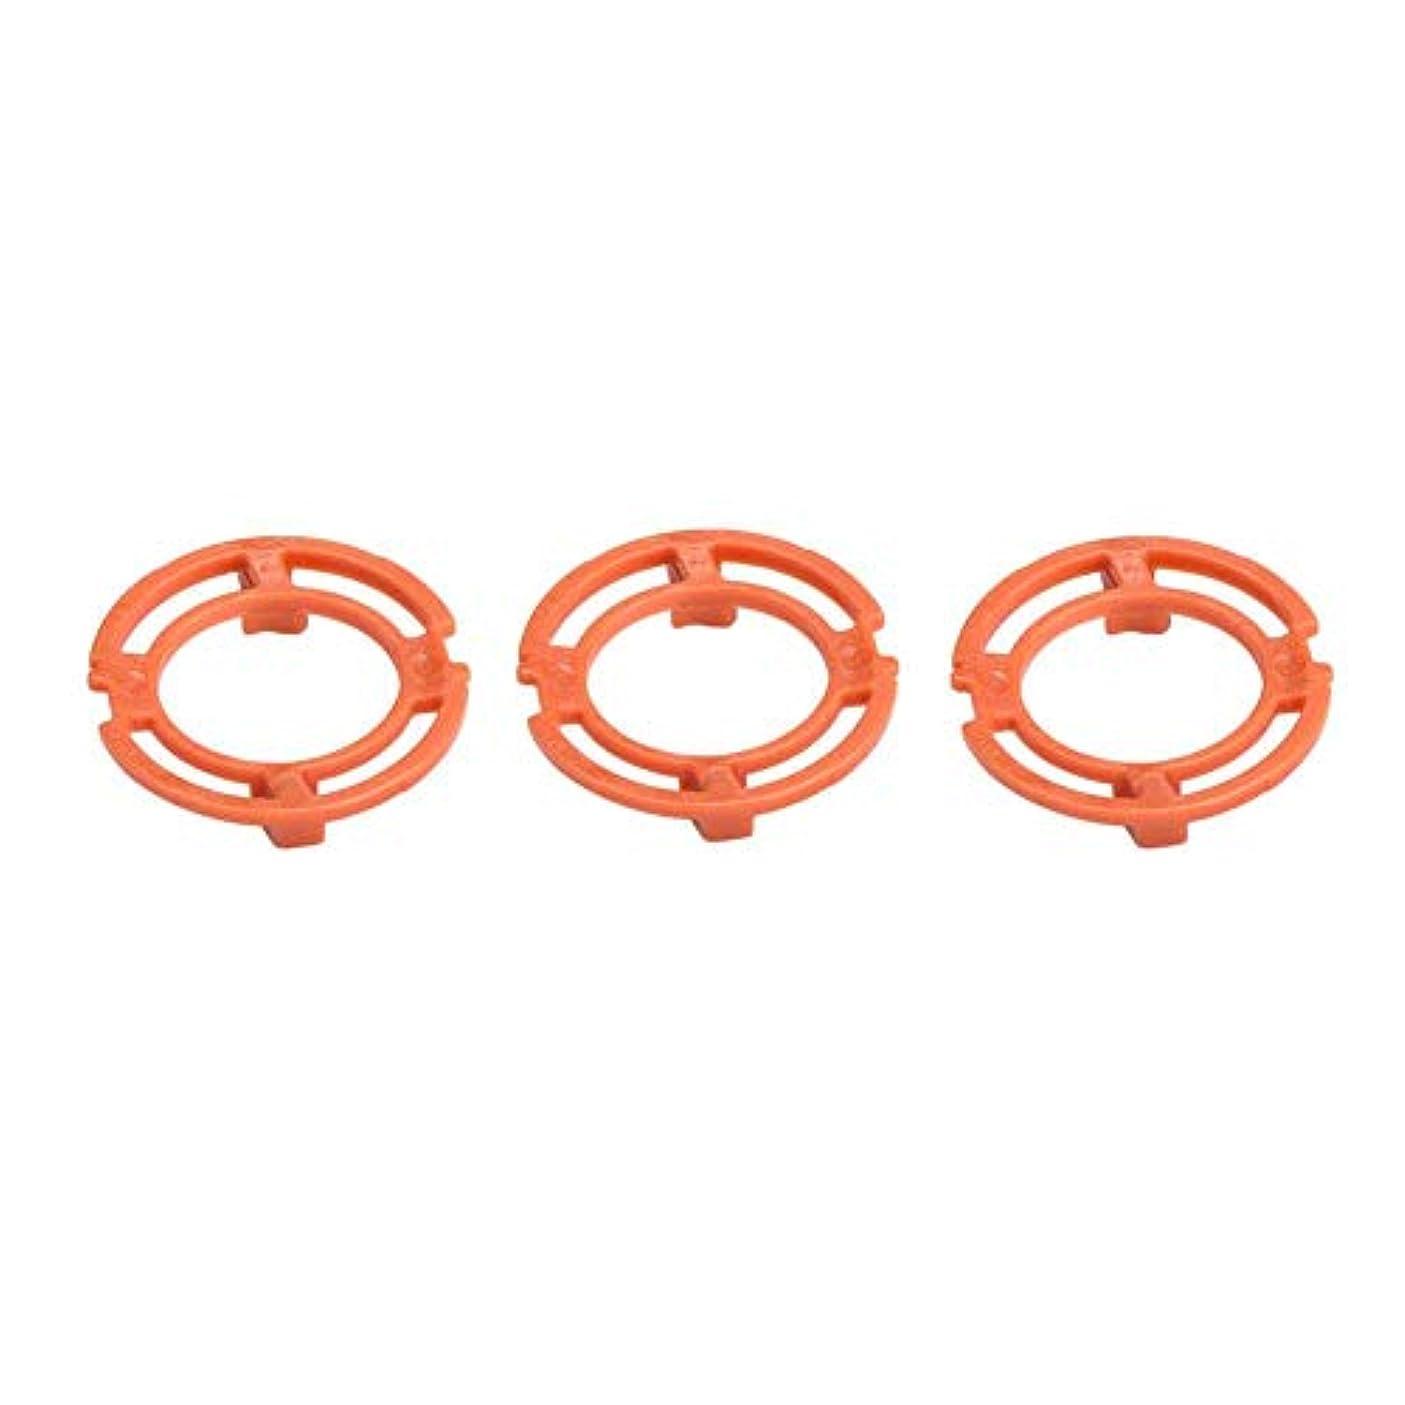 ピニオン薄いジュニアGorgeri ABS 3PCSシリーズ7000 9000 RQ12モデルのオレンジブレード固定リング